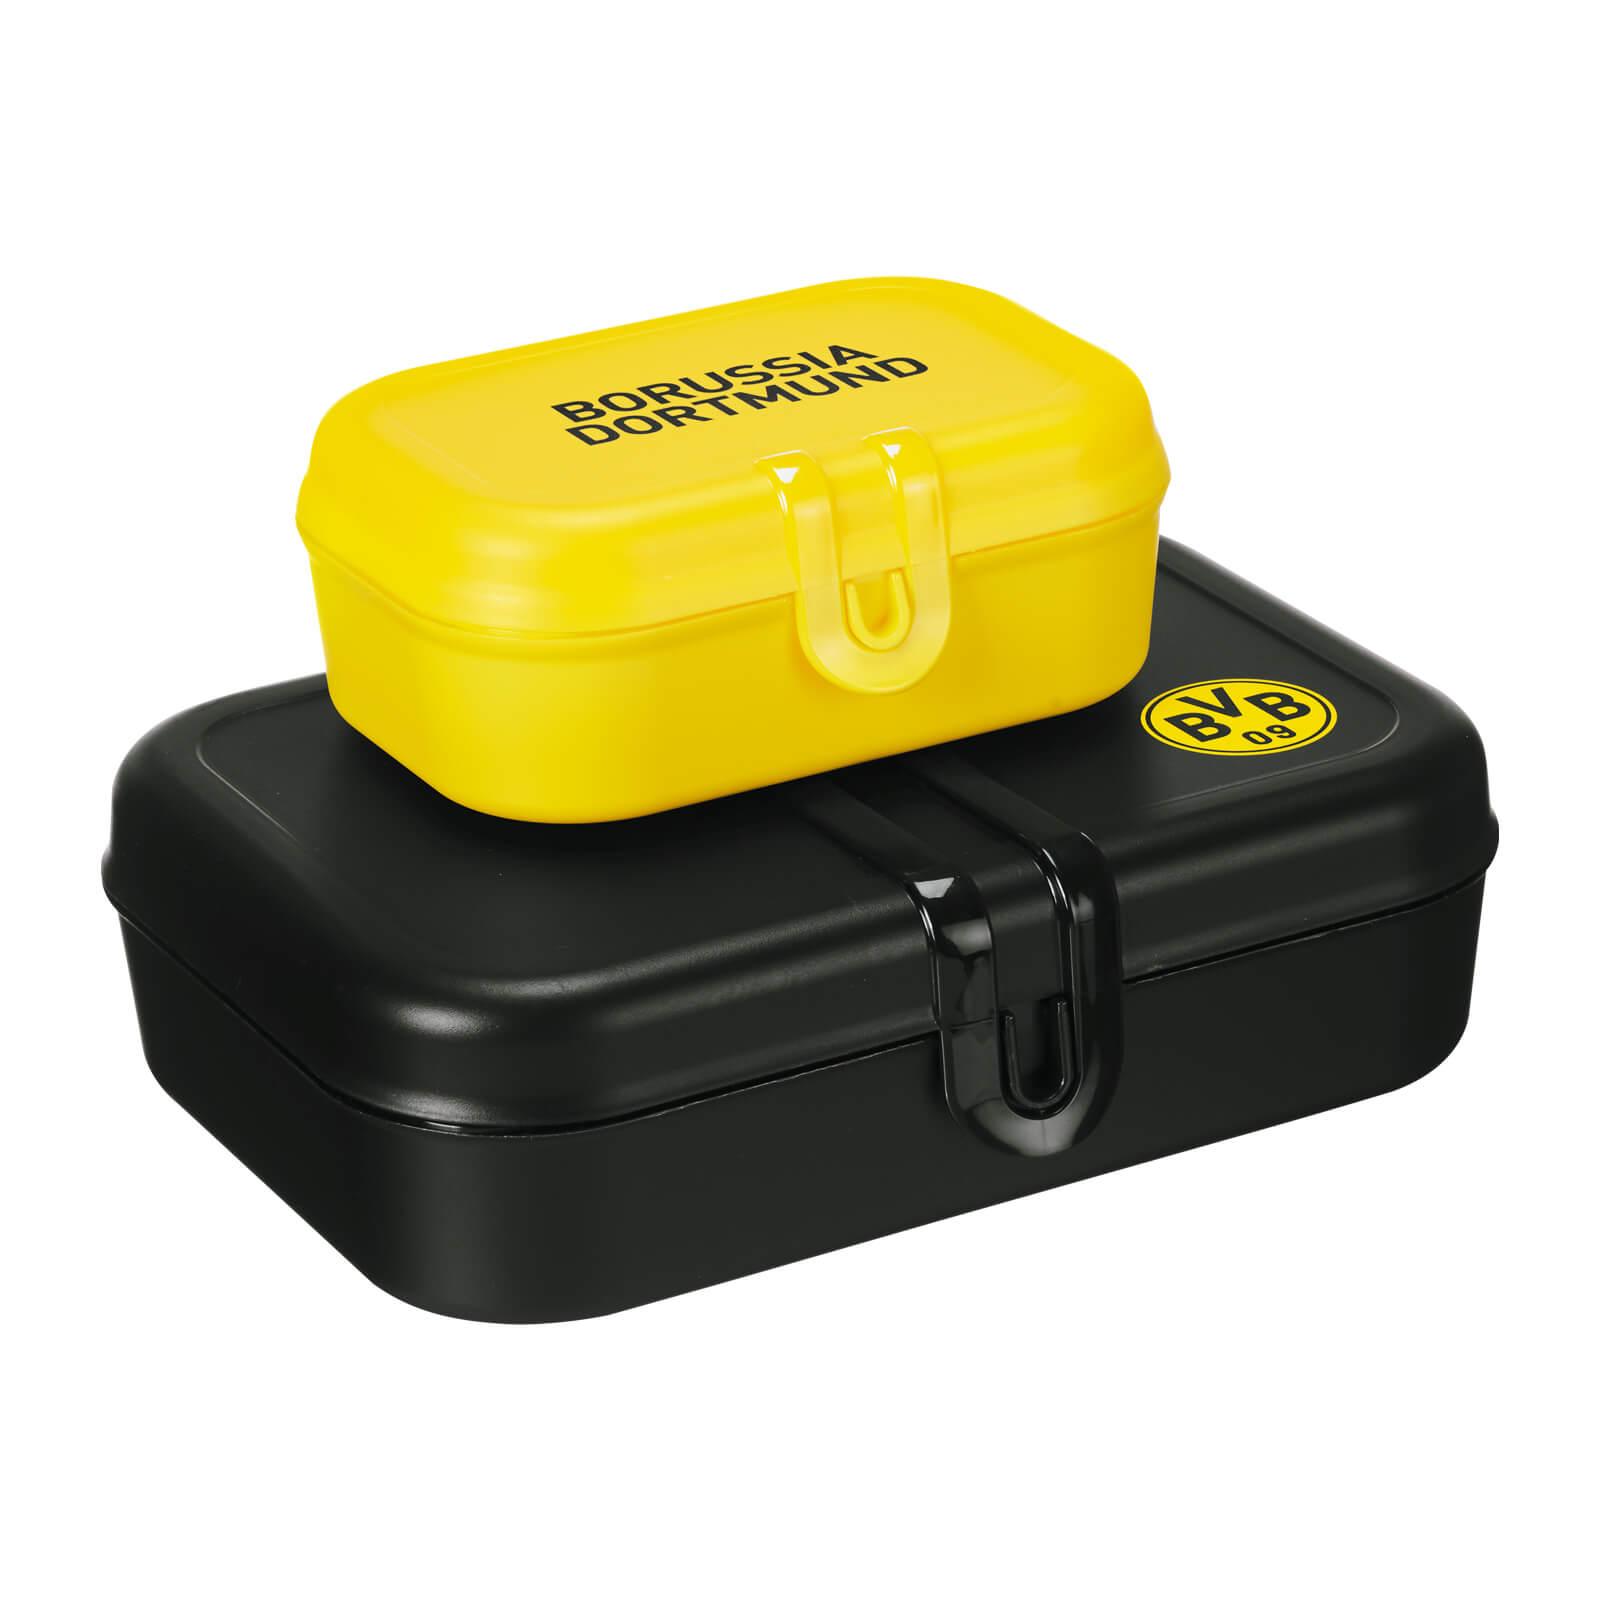 BVB Brotdosen 2er Set Schwarz Und Gelb